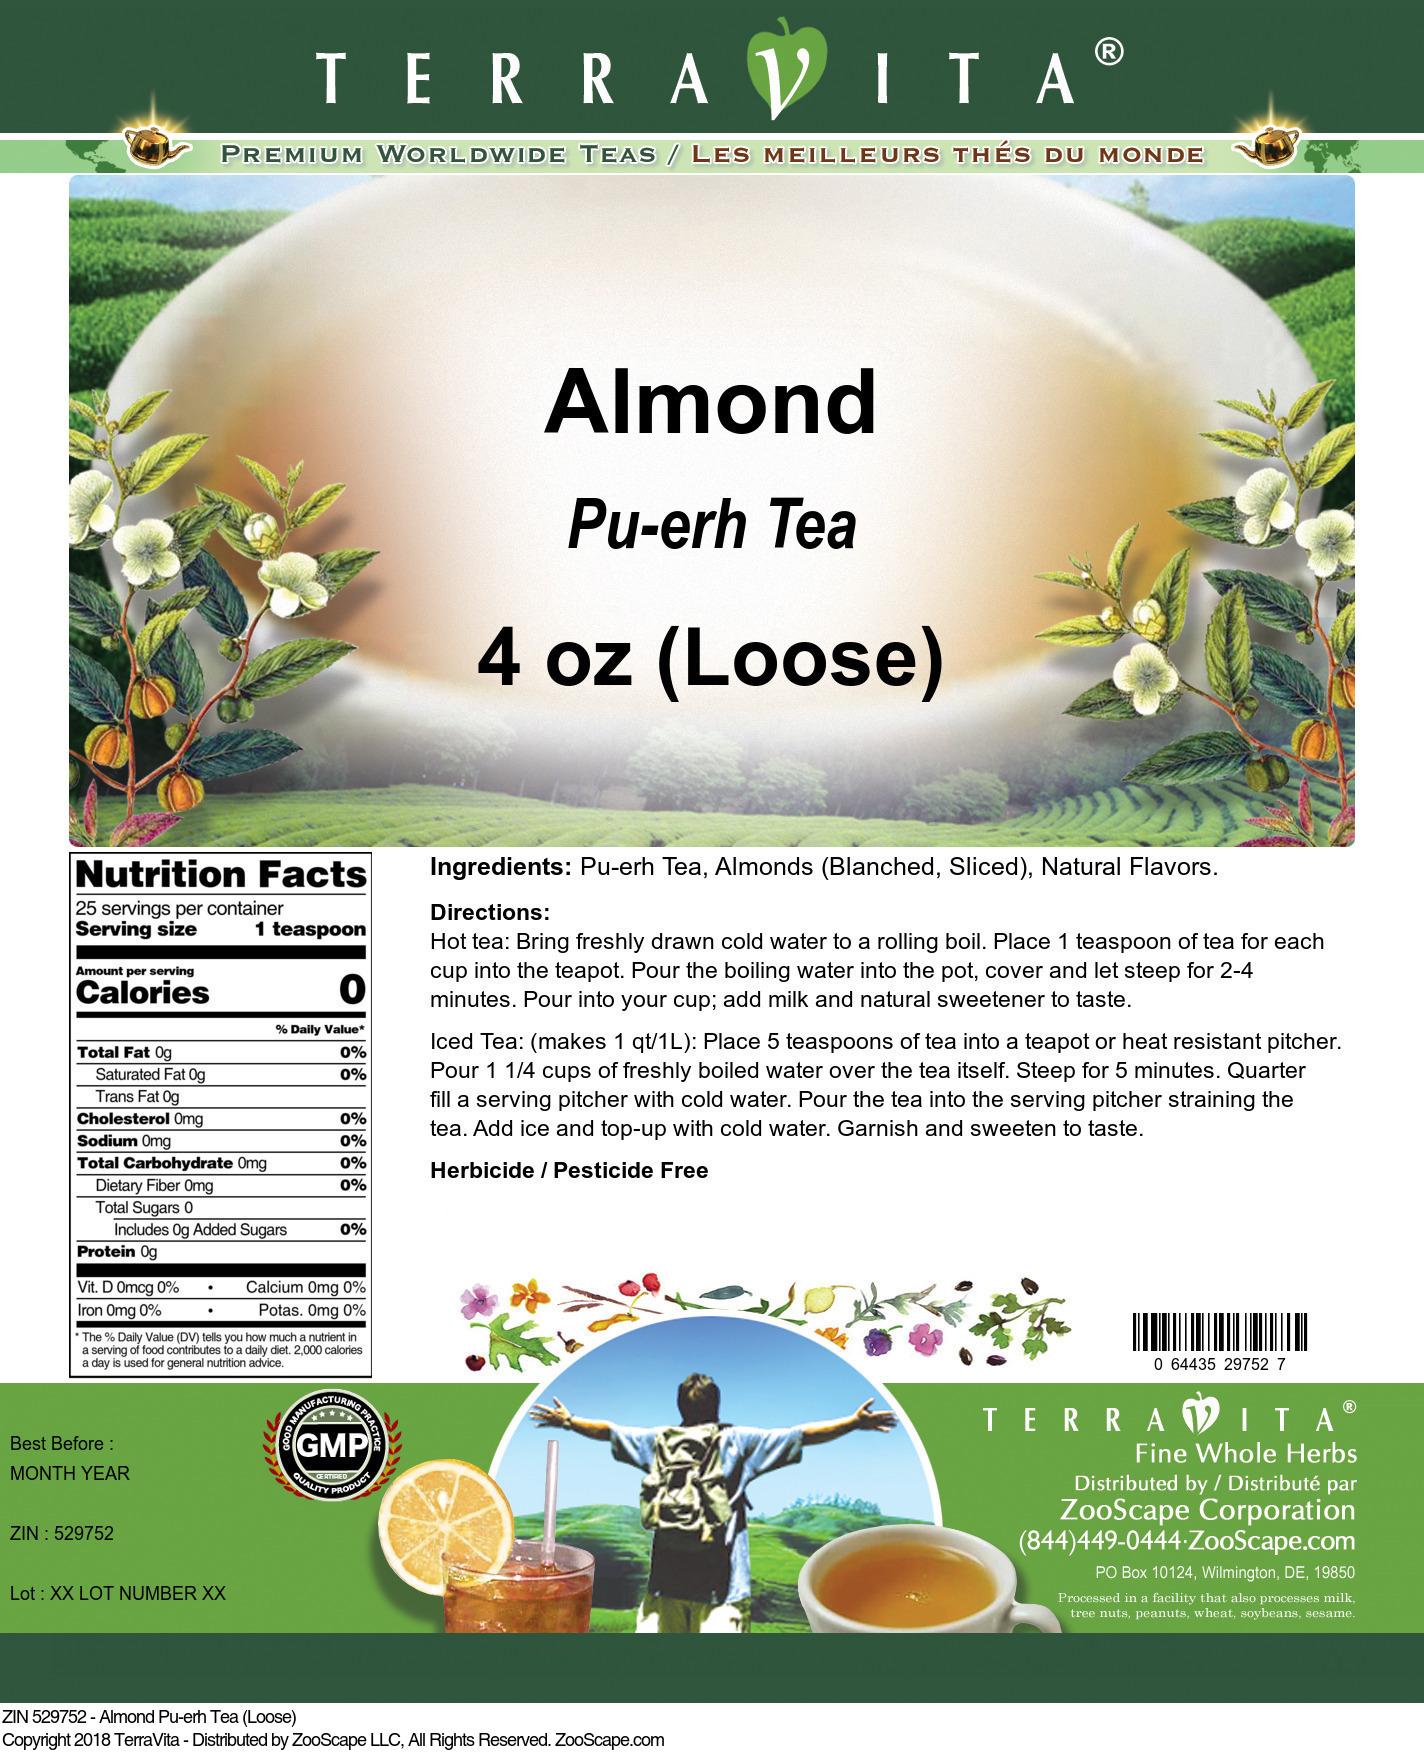 Almond Pu-erh Tea (Loose)